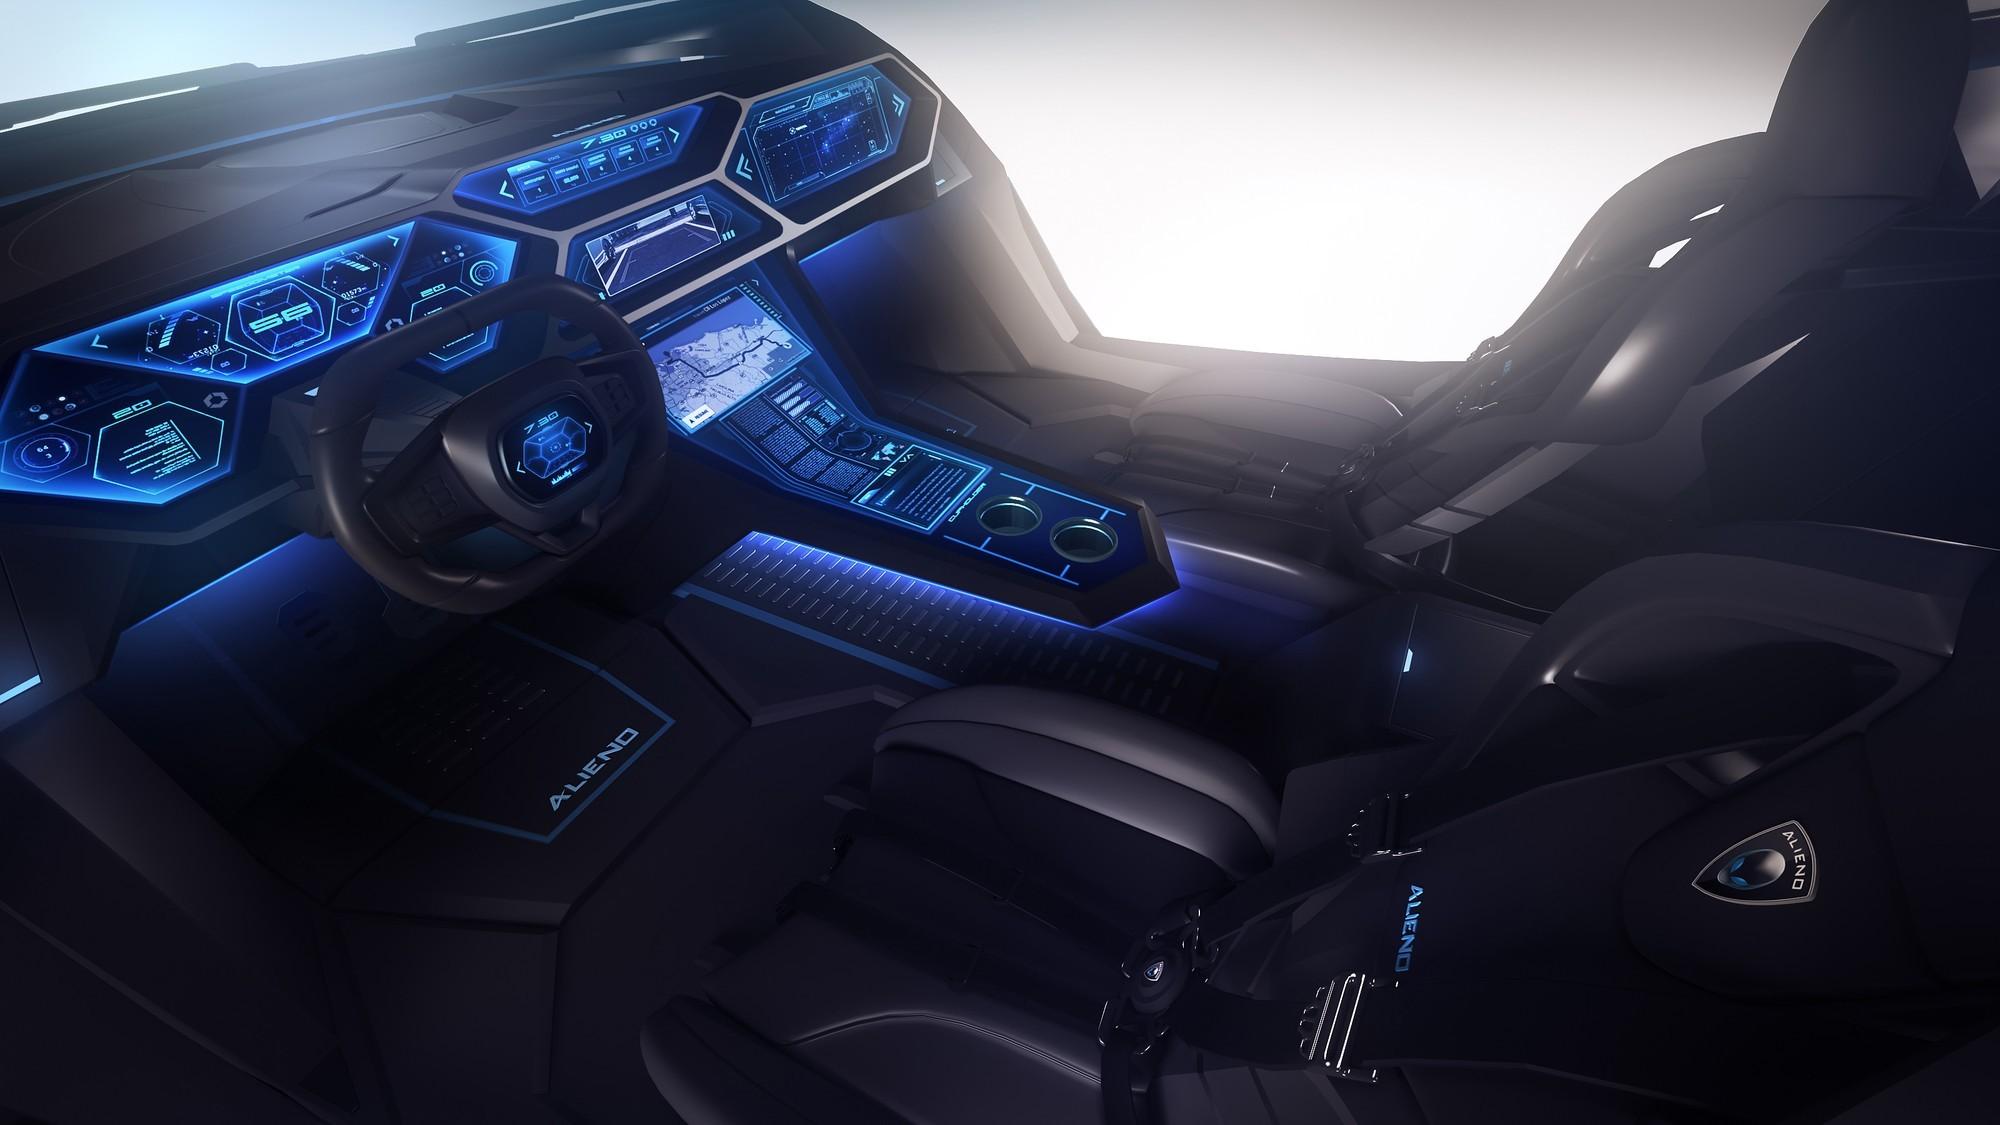 Первый болгарский суперкар станет самым мощным автомобилем в мире 4